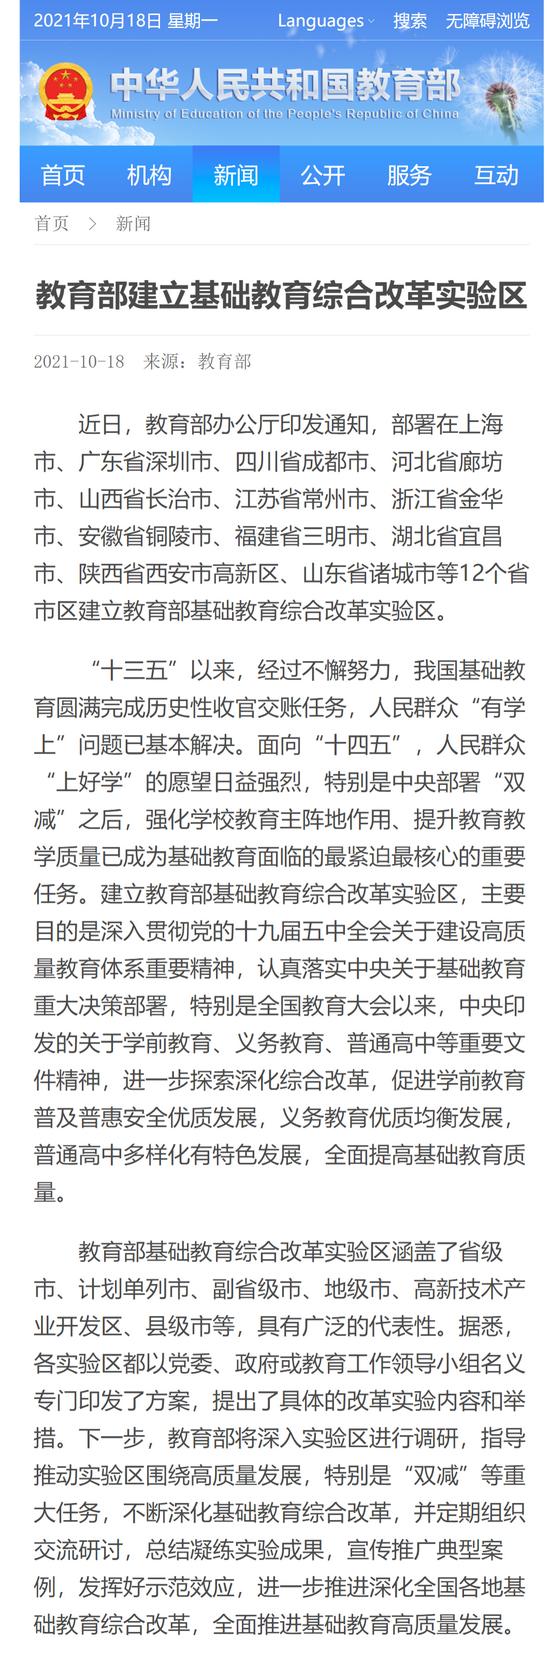 """辟谣!网传基础教育综合改革实验区""""缩短学制""""等说法不实"""